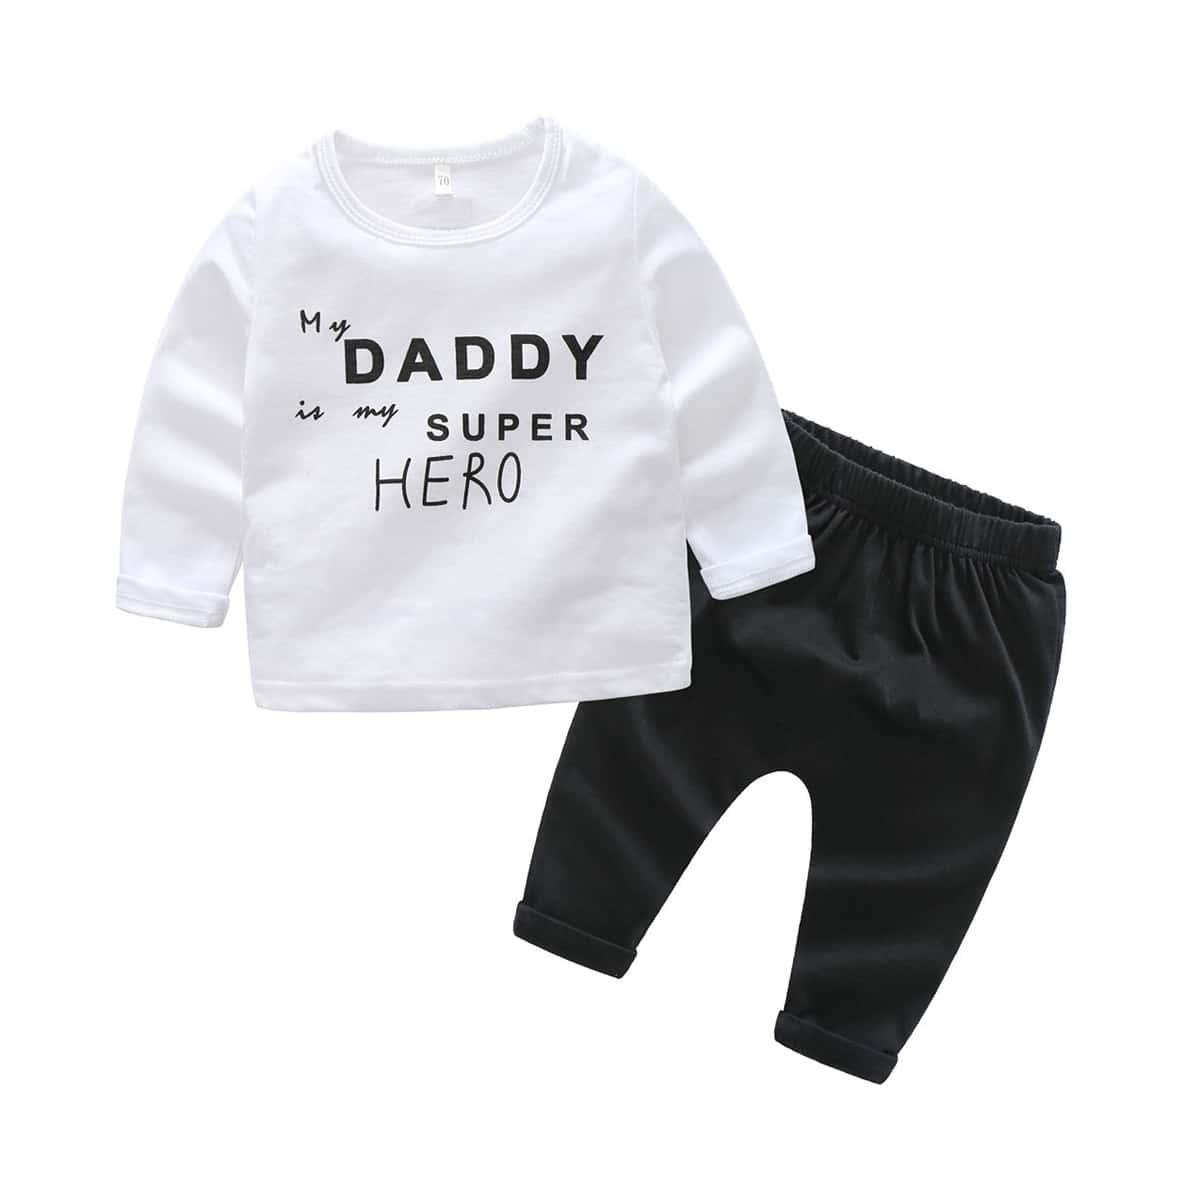 Спортивные брюки и футболка с текстовым принтом для мальчиков